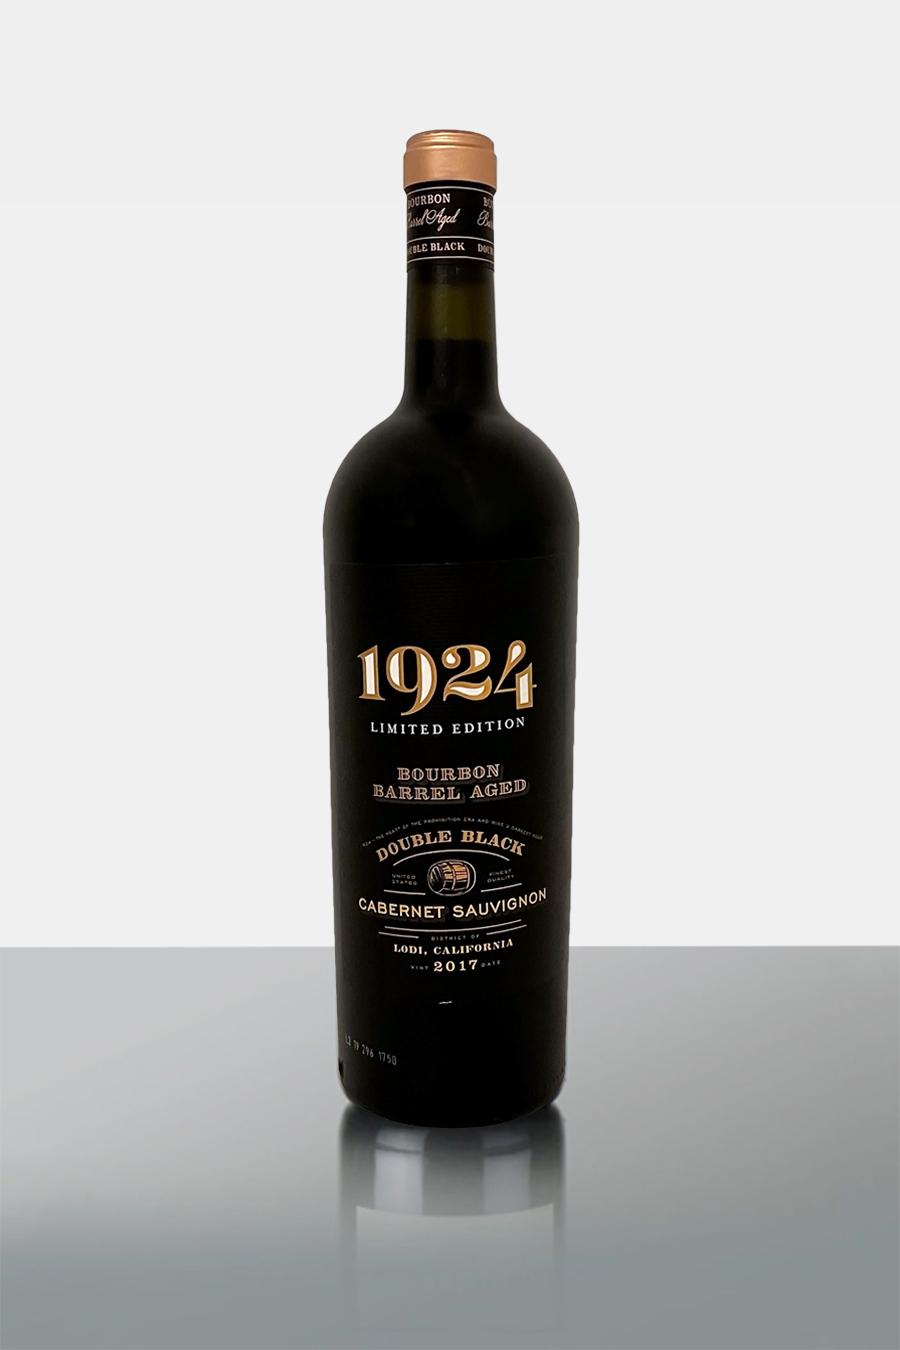 1924 - zur Zeit der Prohibition, pflanzte die Familie ihre ersten Weinberge. Dies inspirierte nun die Nachfolgegeneration zum Bourbon Barrel Aged Cabernet SauvignonNoten von Brombeeren, Feigen und warmen Gewürzen wie Vanille ist der, aus vollmundigem Cabernet Sauvignon vinifizierte und in Bourbonfässern gereifte Wein pure Kraft im GlasDie an Bourbon erinnernden Noten von Karamell, braunem Zucker und gerösteter Eiche ergeben einen großen Abgang